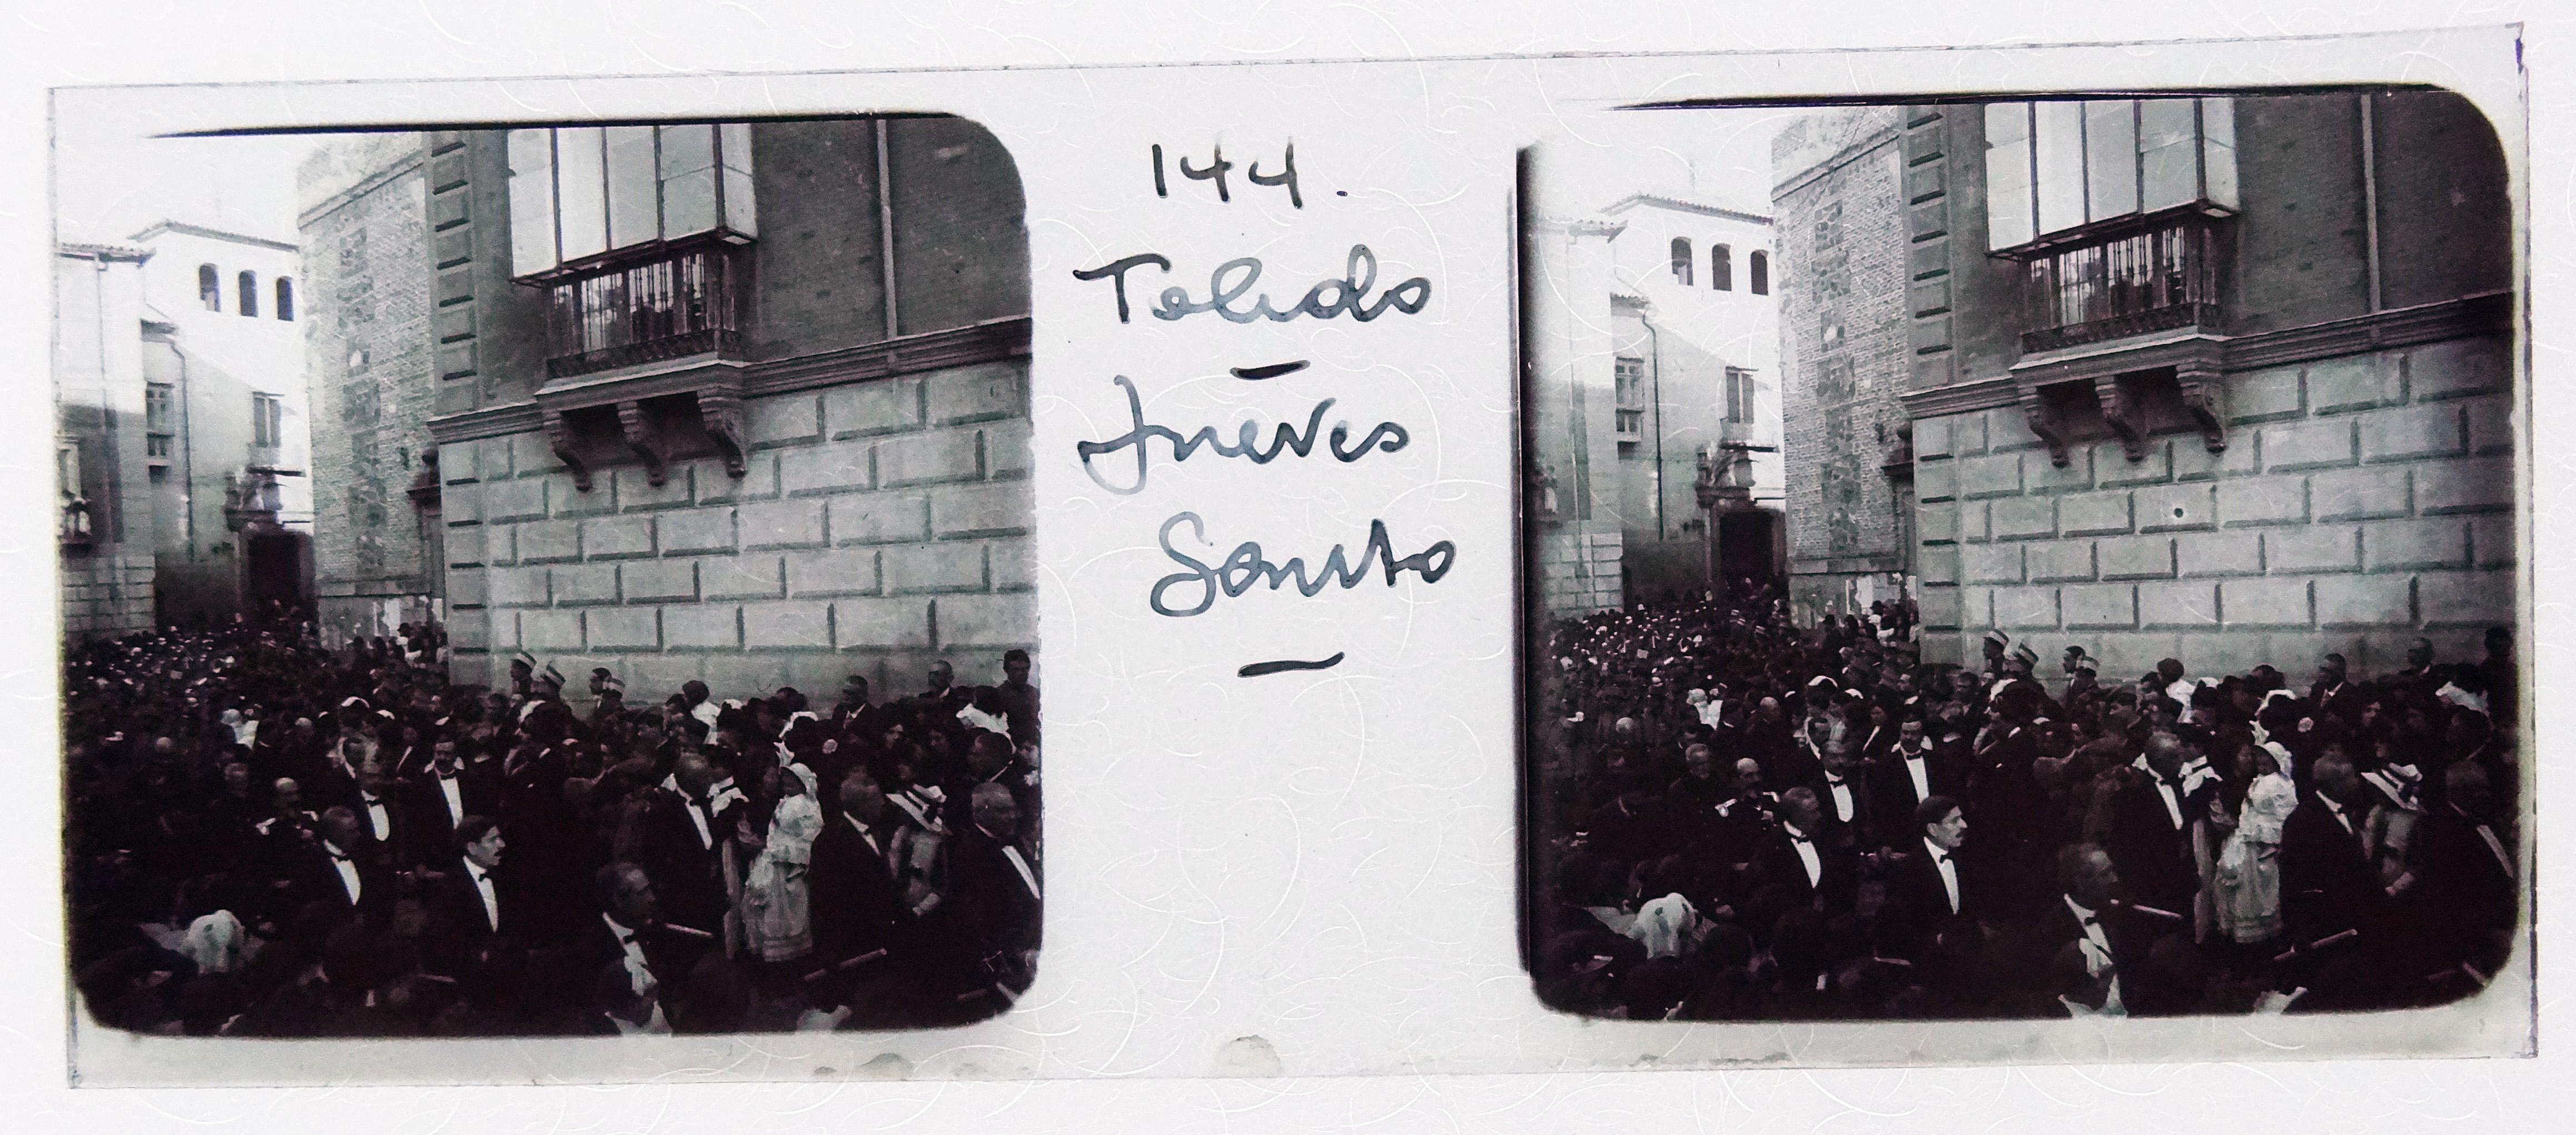 Procesión de Semana Santa desfilando en la Plaza de San Vicente. Fotografía de Francisco Rodríguez Avial hacia 1910 © Herederos de Francisco Rodríguez Avial